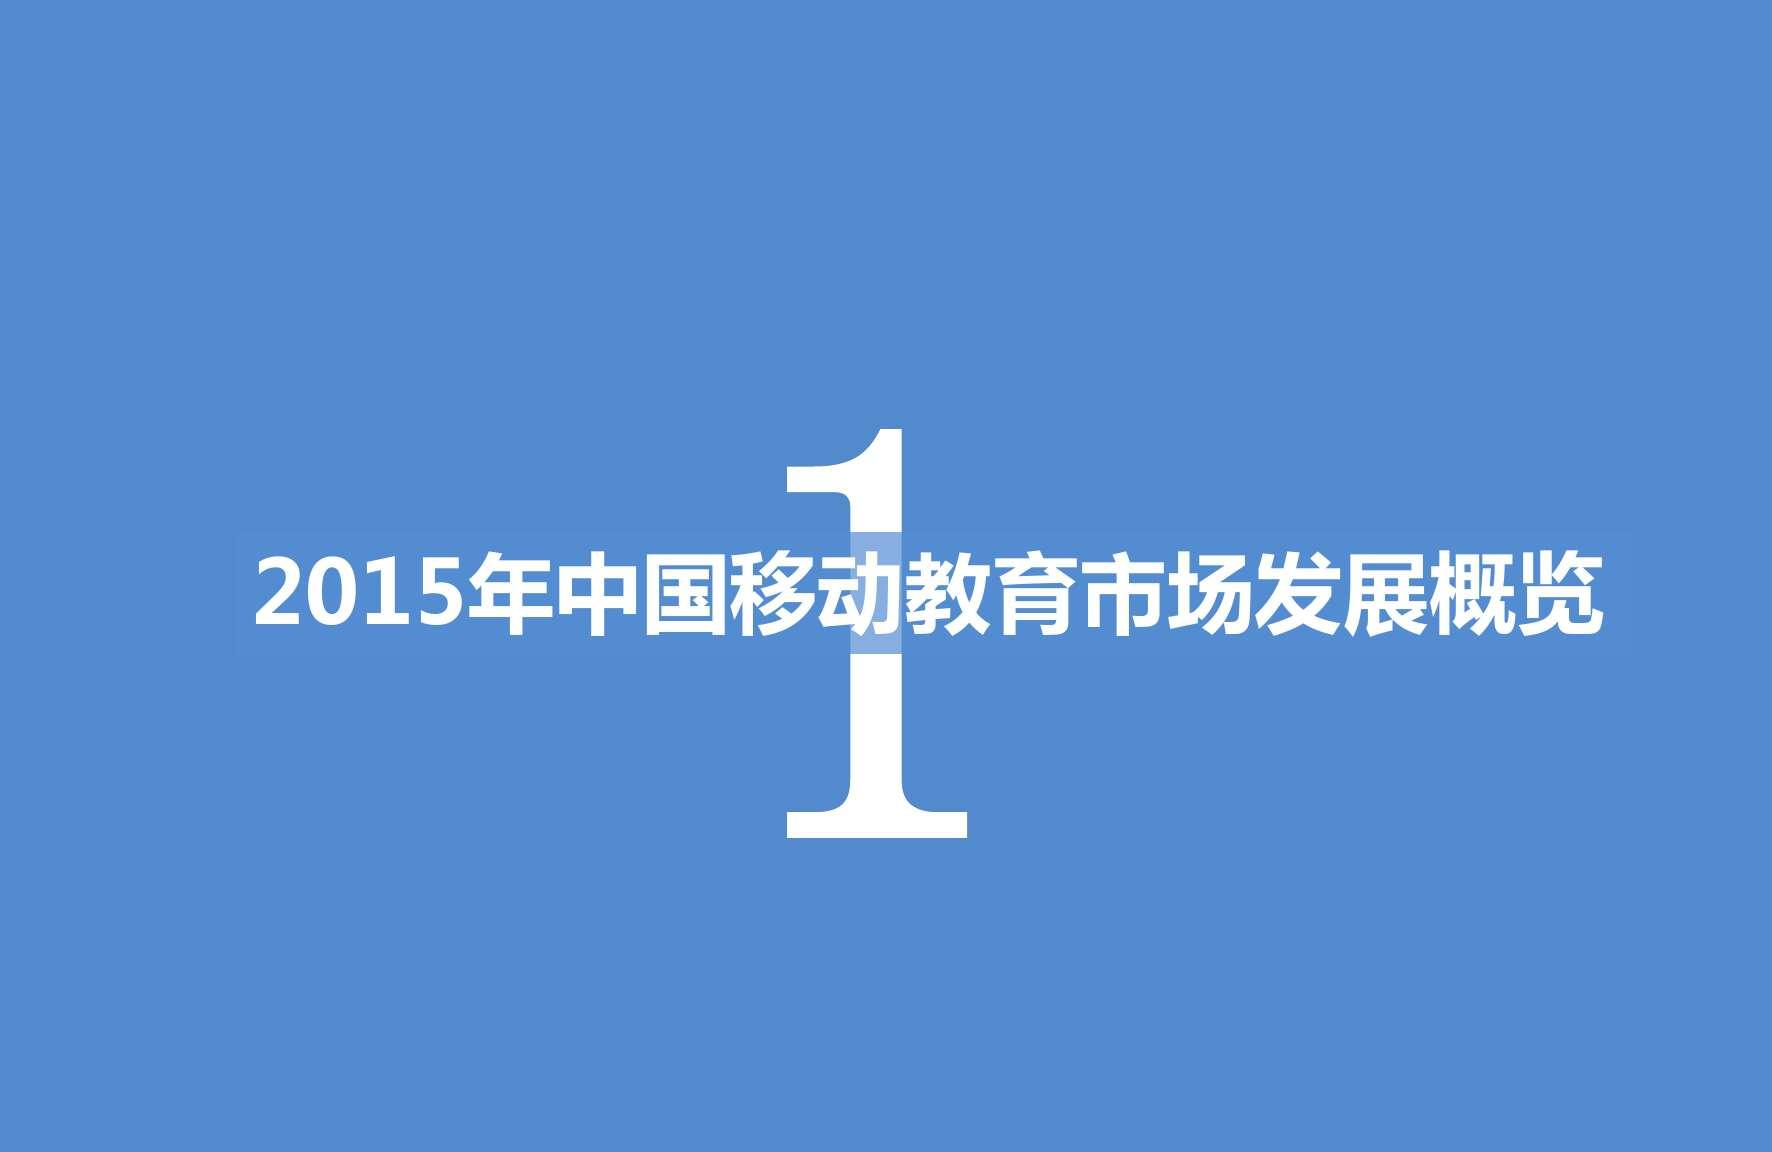 2015-2016年中国移动教育市场研究报告_000004